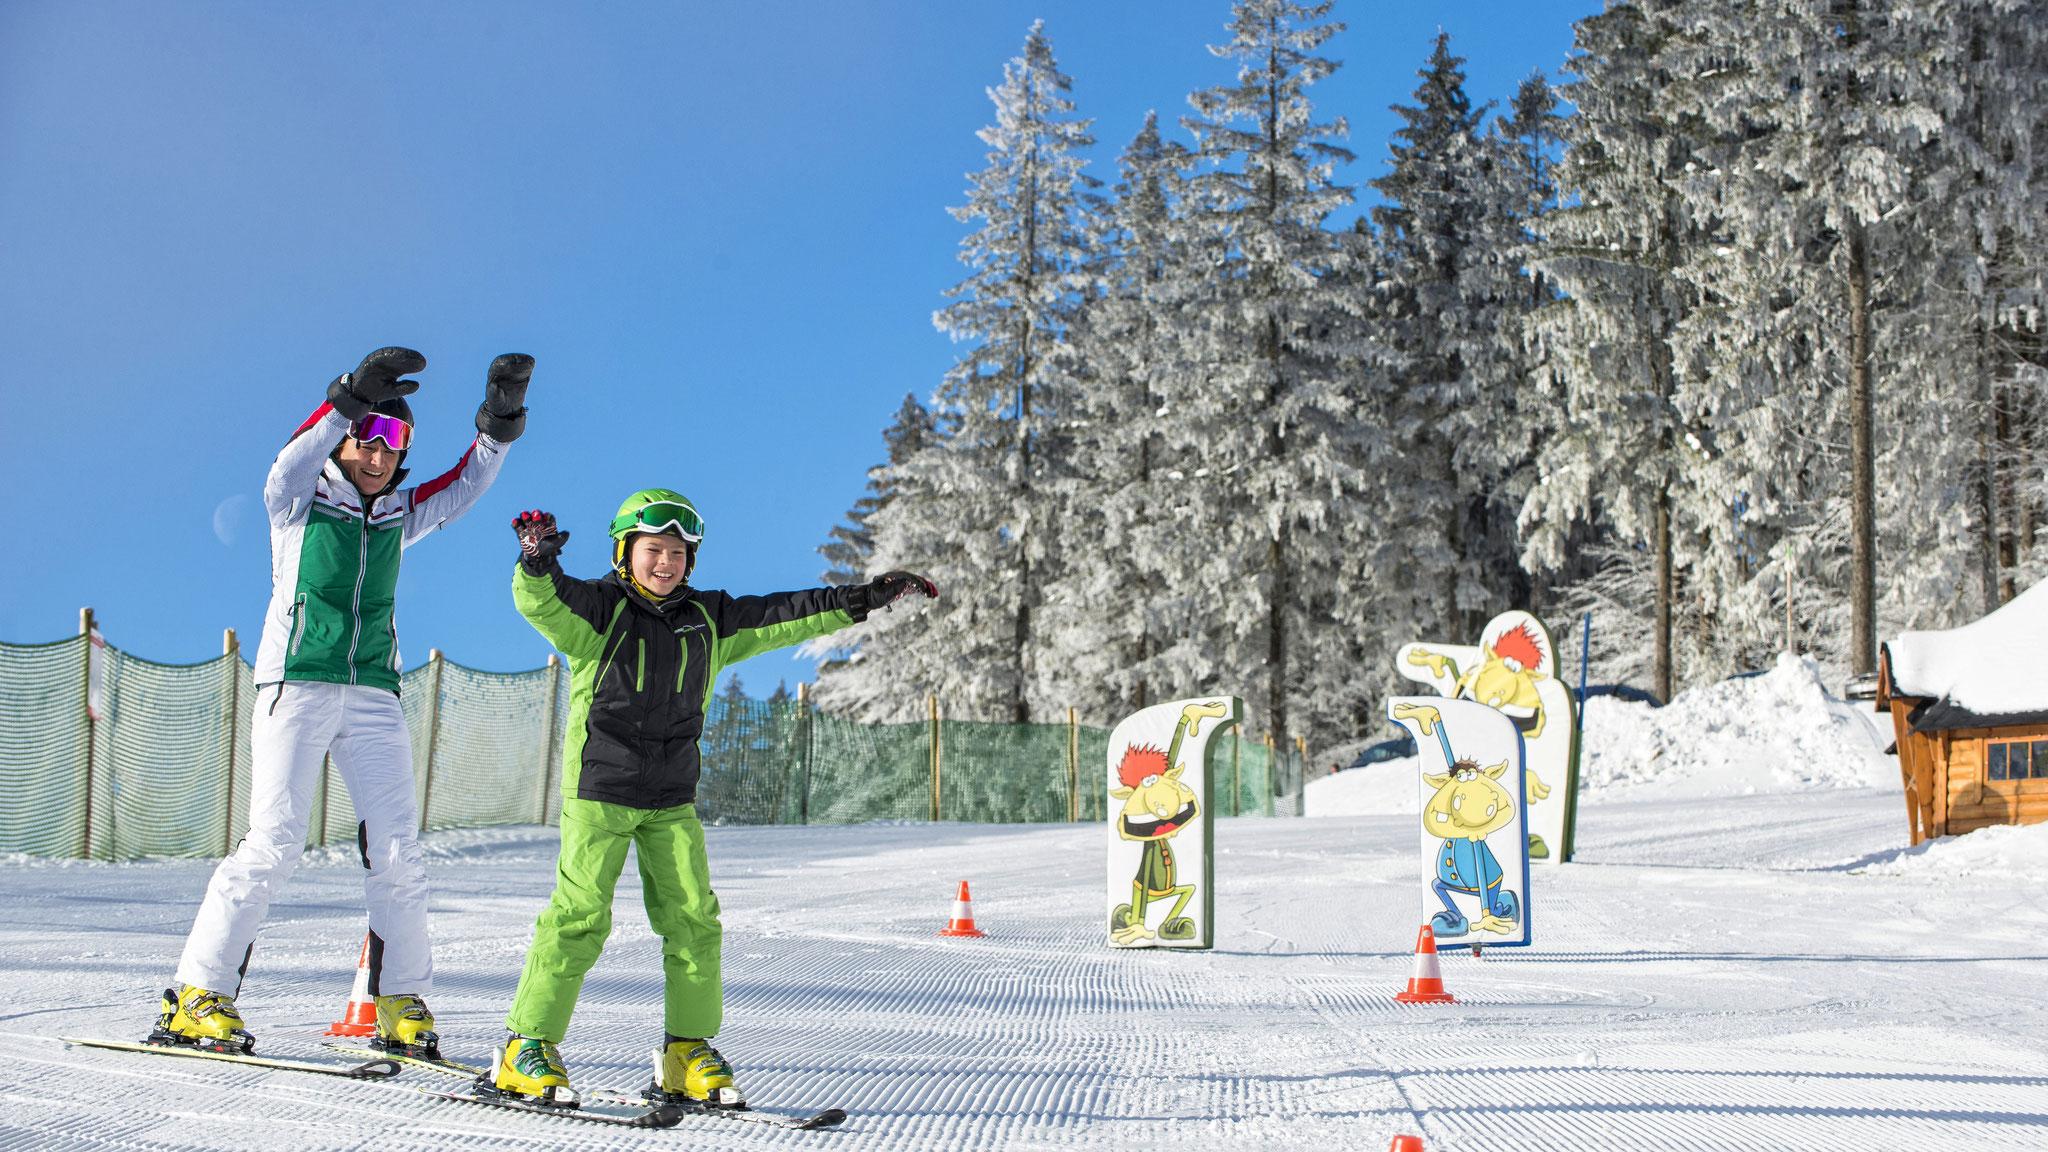 Skilaufen lernen bei Profis  - die Skischule (c) OÖ Tourismus GmbH | Erber